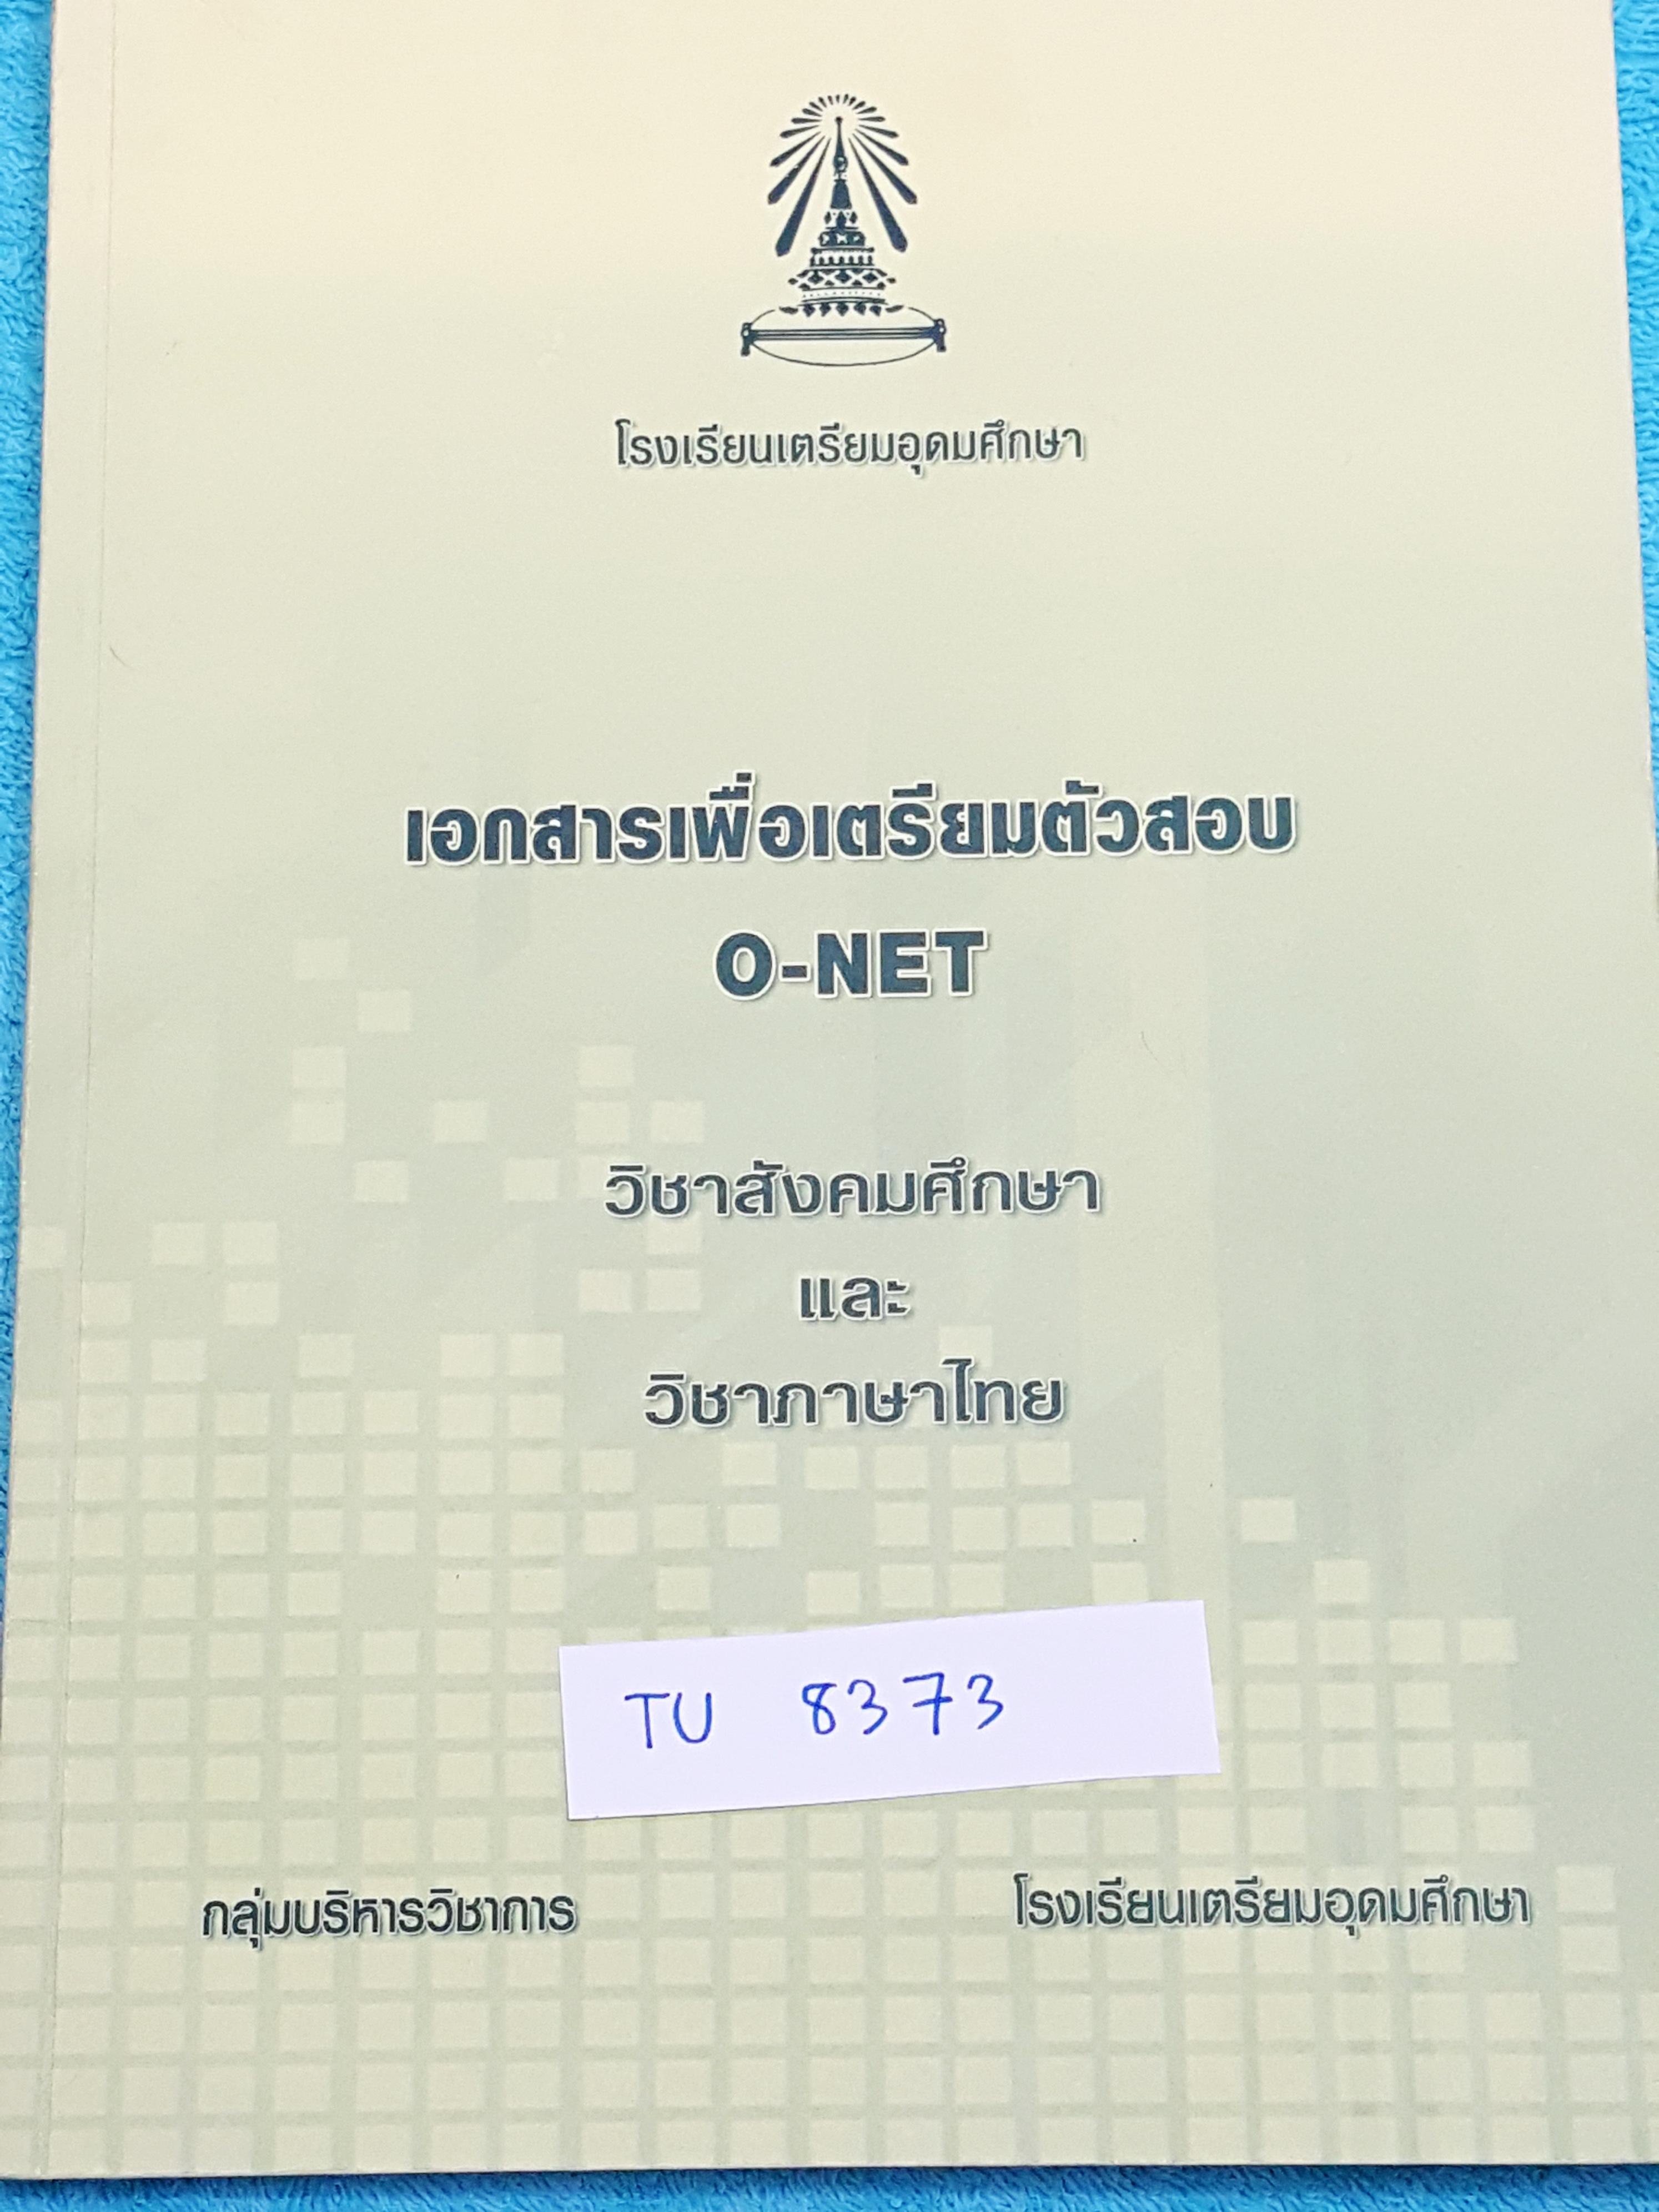 ►เตรียมอุดม◄ TH 8373 หนังสือเอกสารเพื่อเตรียมตัวสอบ O-NET วิชาสังคมศึกษา และวิชาภาษาไทย จัดทำโดยกลุ่มสาระการเรียนรู้วิชาสังคมศึกษา และภาษาไทยใน ร.ร.เตรียมอุดมศึกษา ในหนังสือมีจดบ้าง เนื้อหาตีพิมพ์สมบูรณ์ทั้งเล่ม มีสรุปเนื้อหาที่ต้องใช้เตรียมสอบโอเน็ตทั้ง